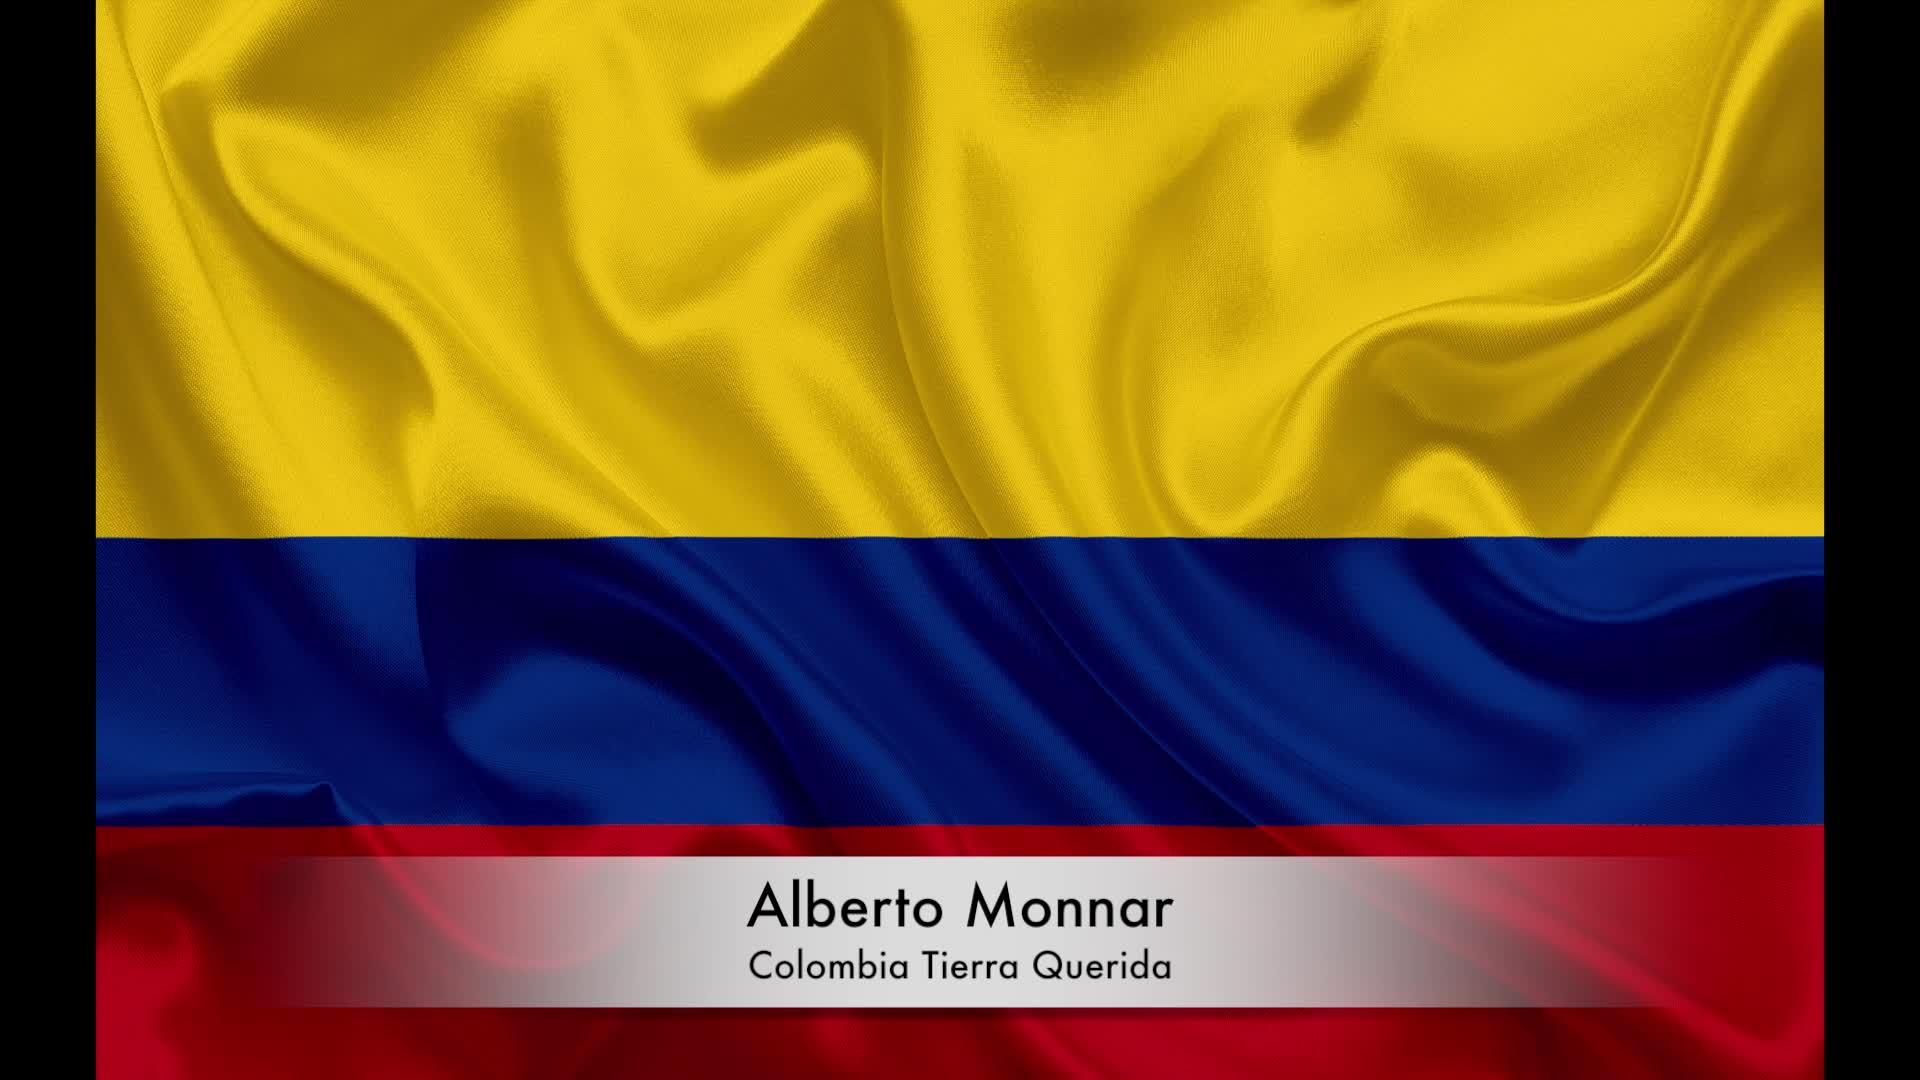 Alberto Monnar - Colombia Tierra Querida